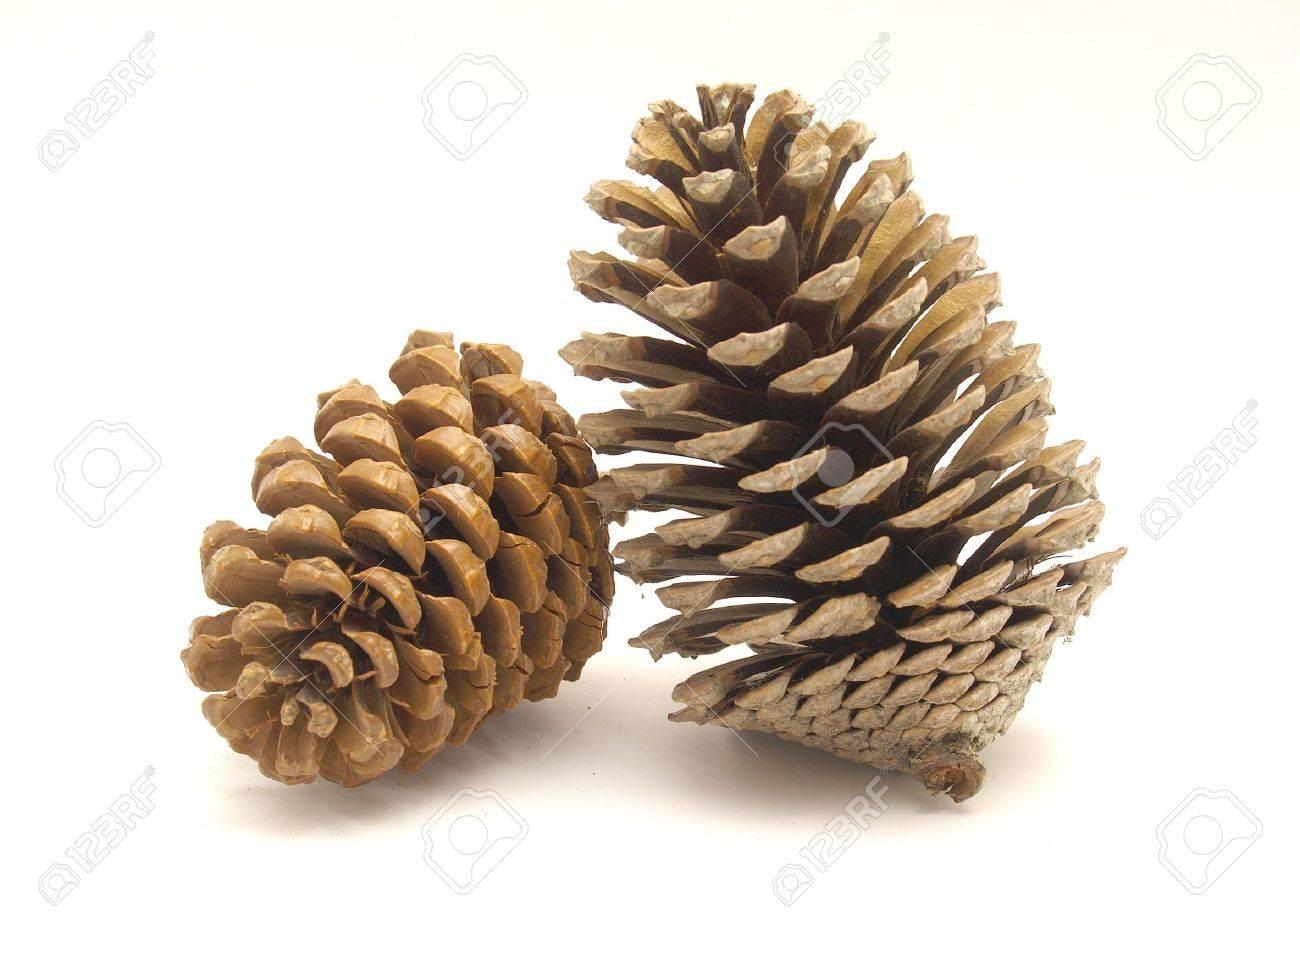 pine cones Stock Photo - 4284082